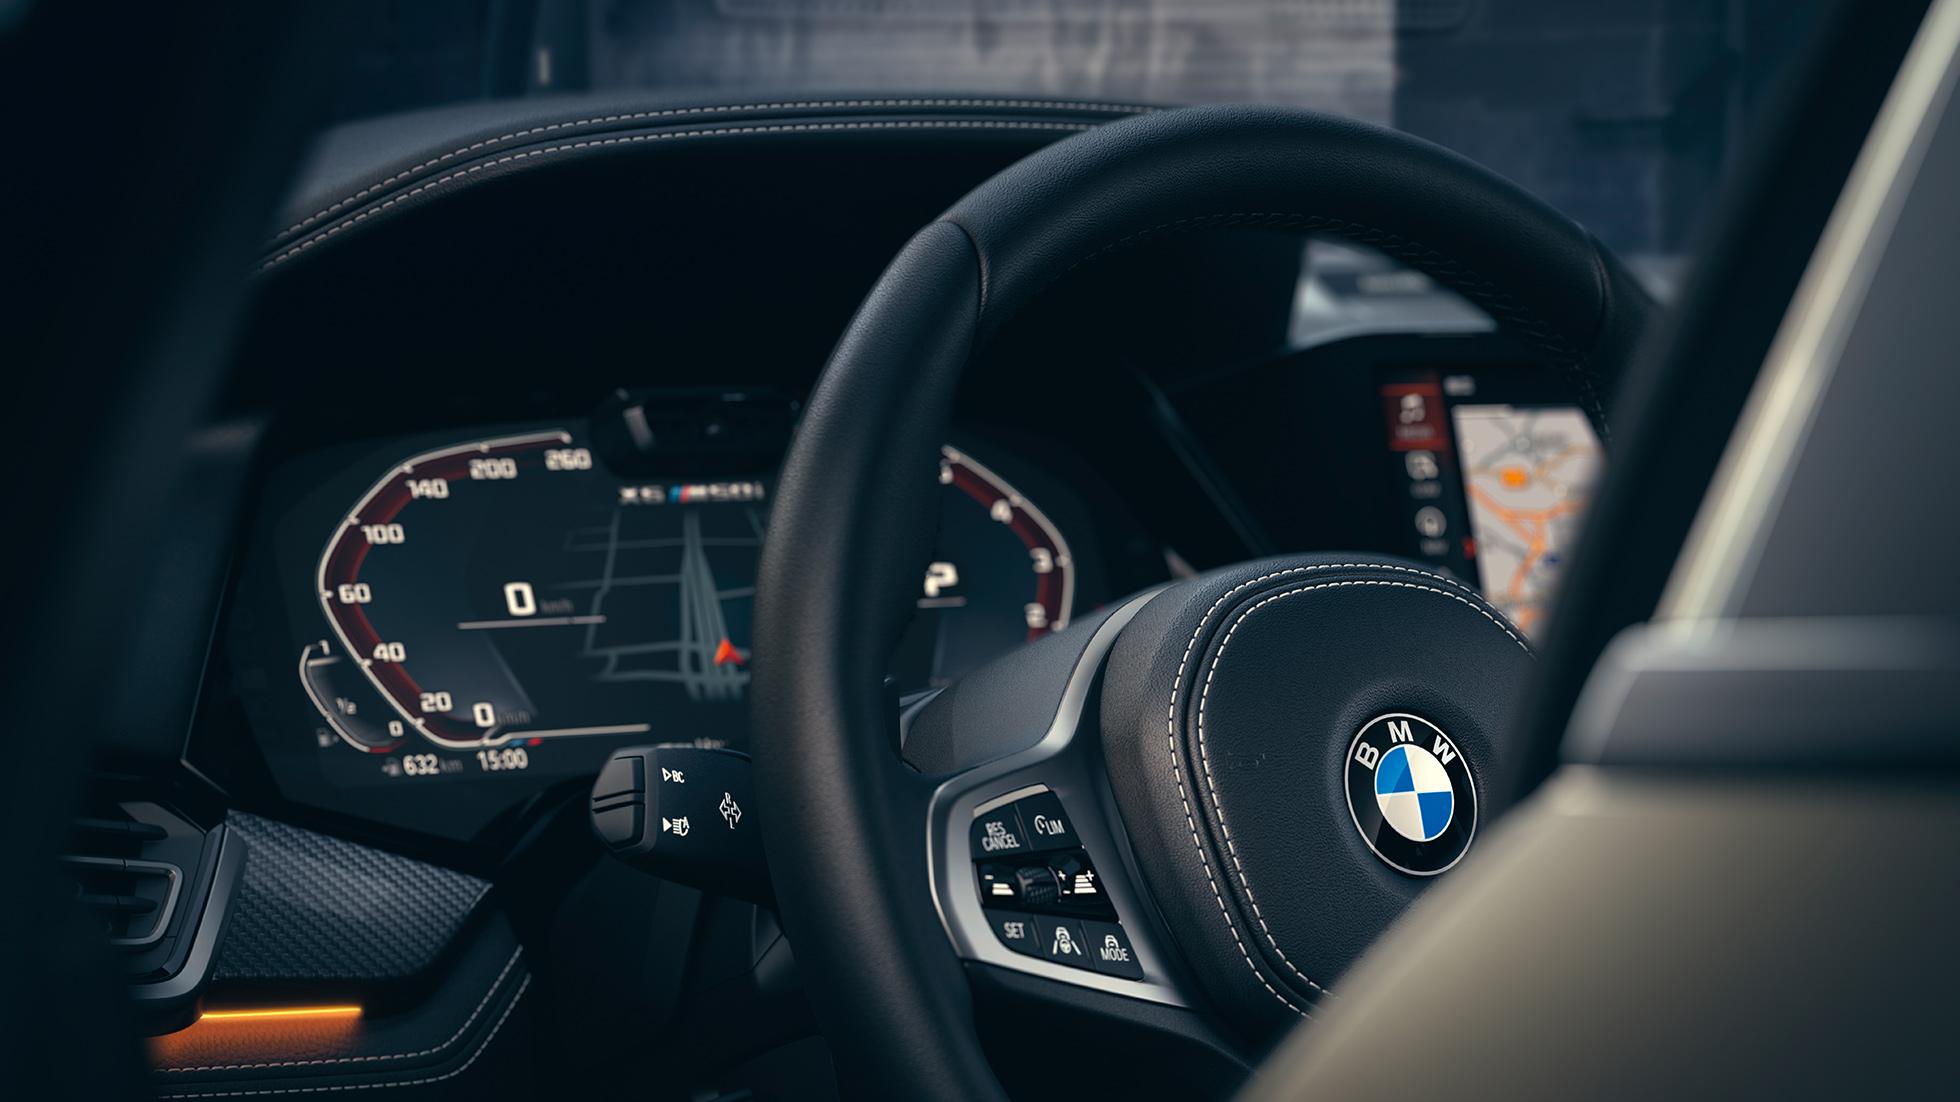 Интерьер BMW , крупный план с фокусировкой на панели приборов